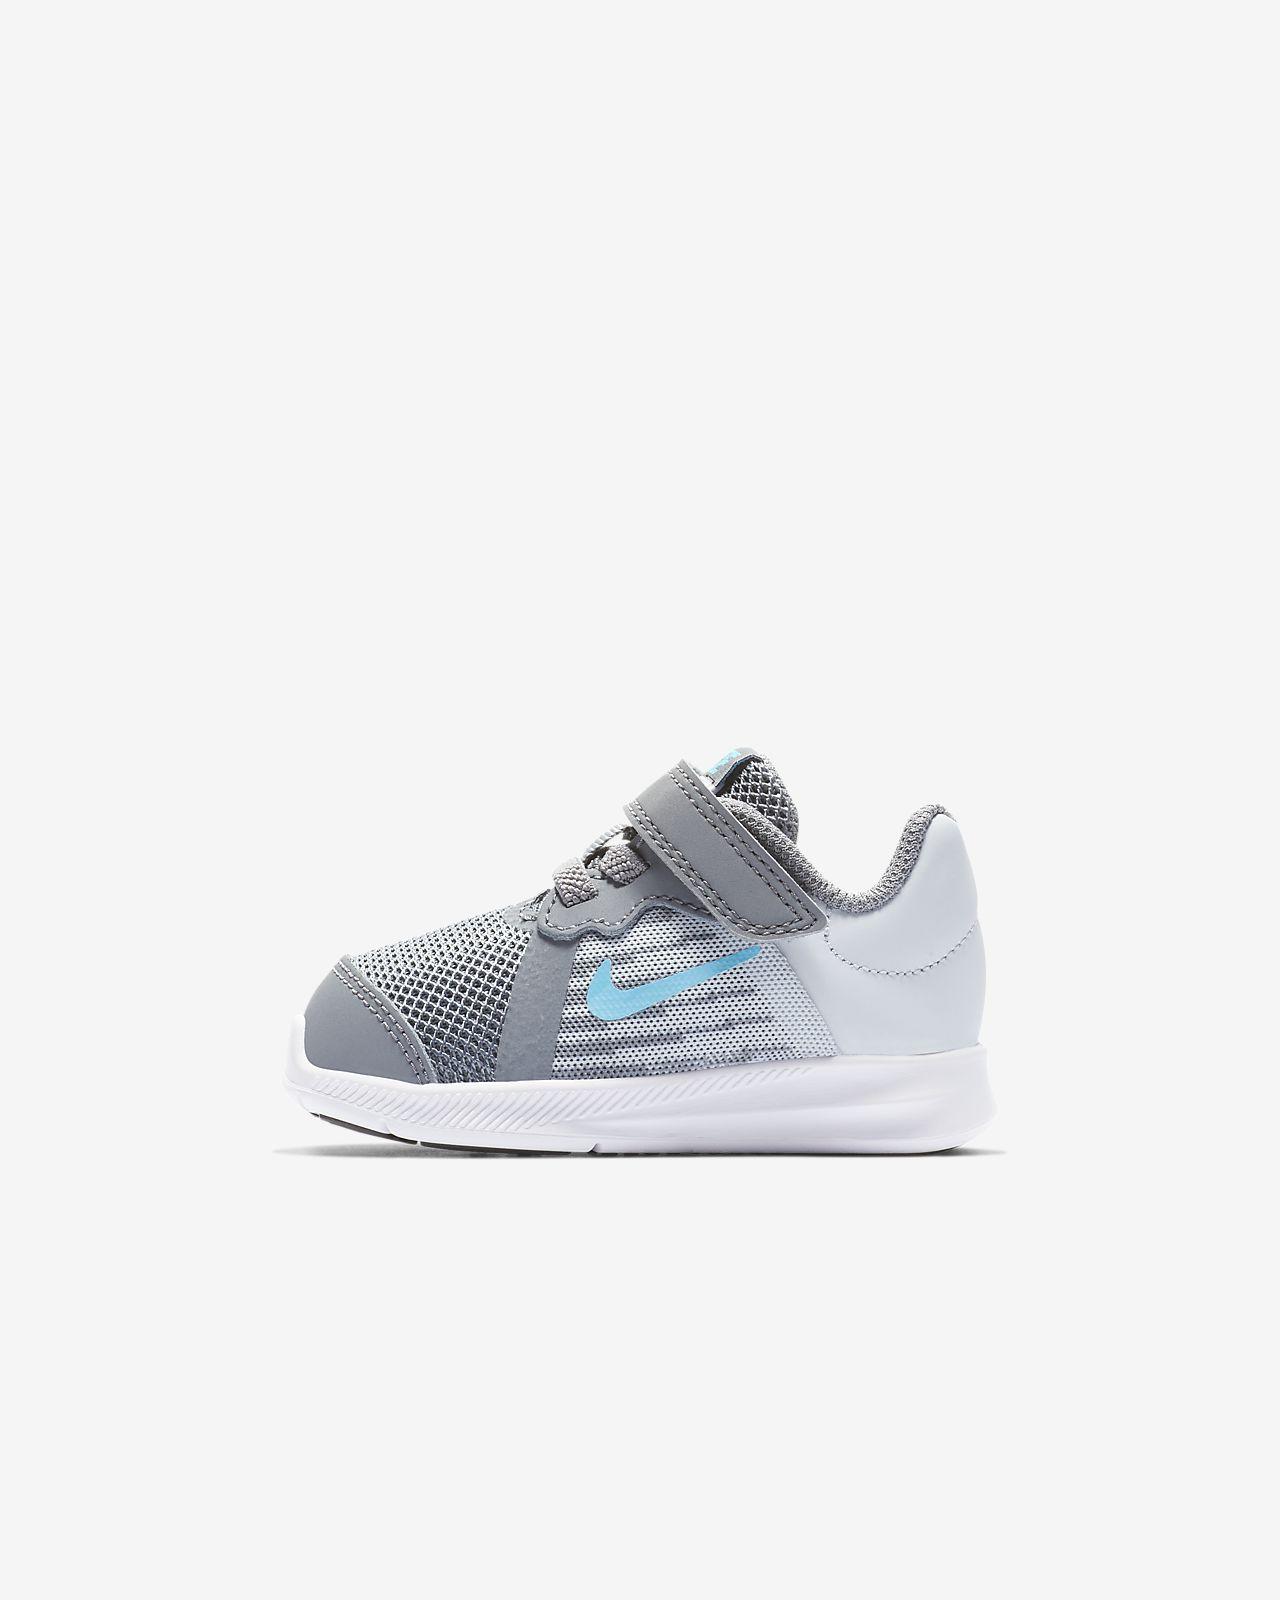 new concept d9bd4 a9d15 ... Calzado para bebé e infantil Nike Downshifter 8